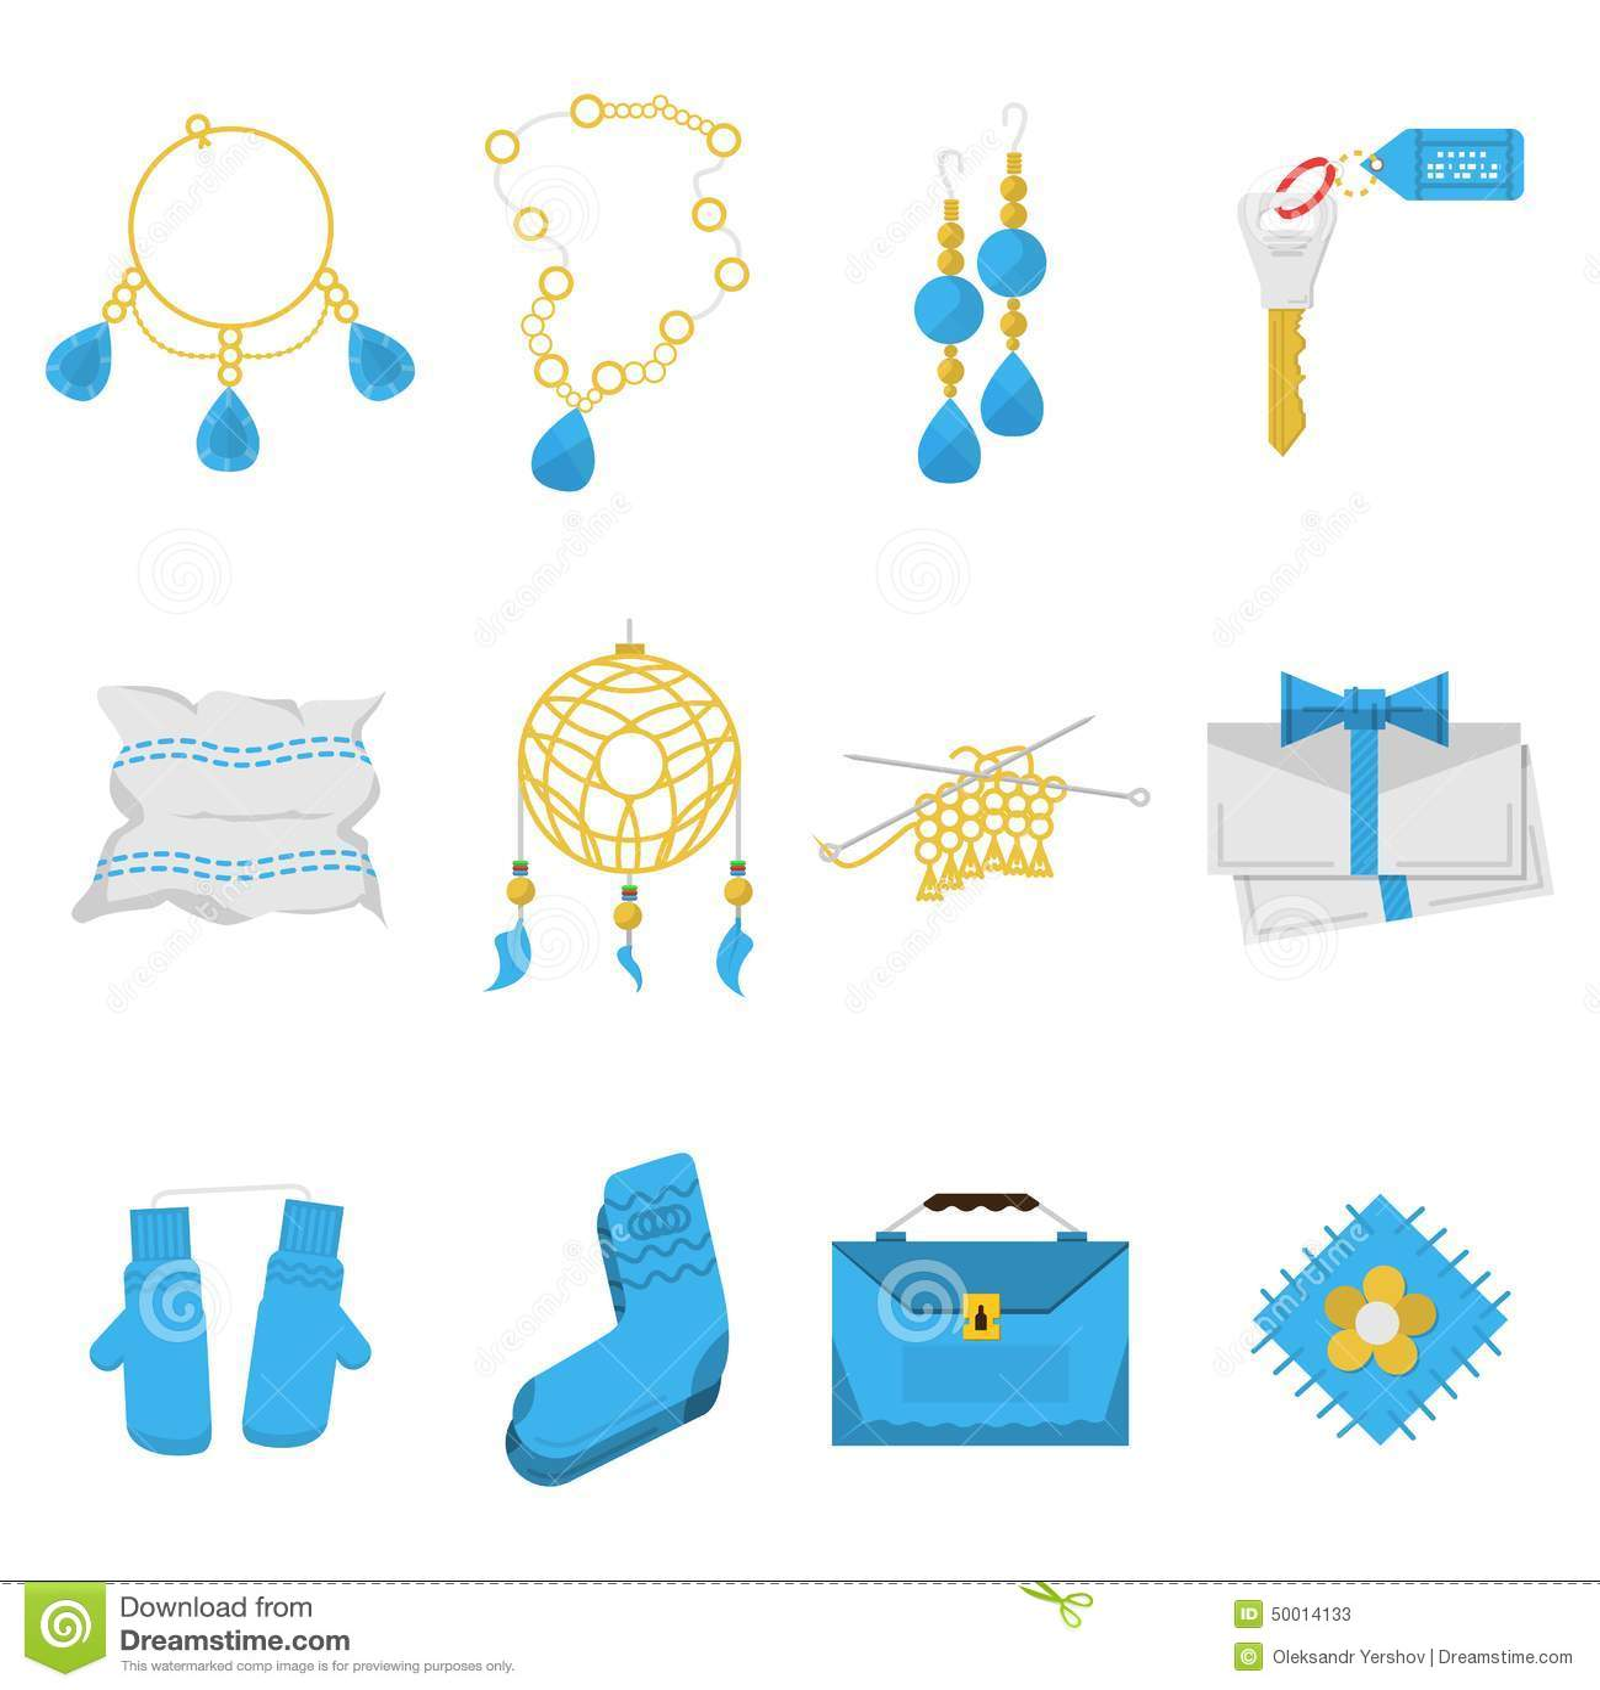 Icone colorate per gli oggetti fatti a mano immagine stock for Programmi per progettare oggetti